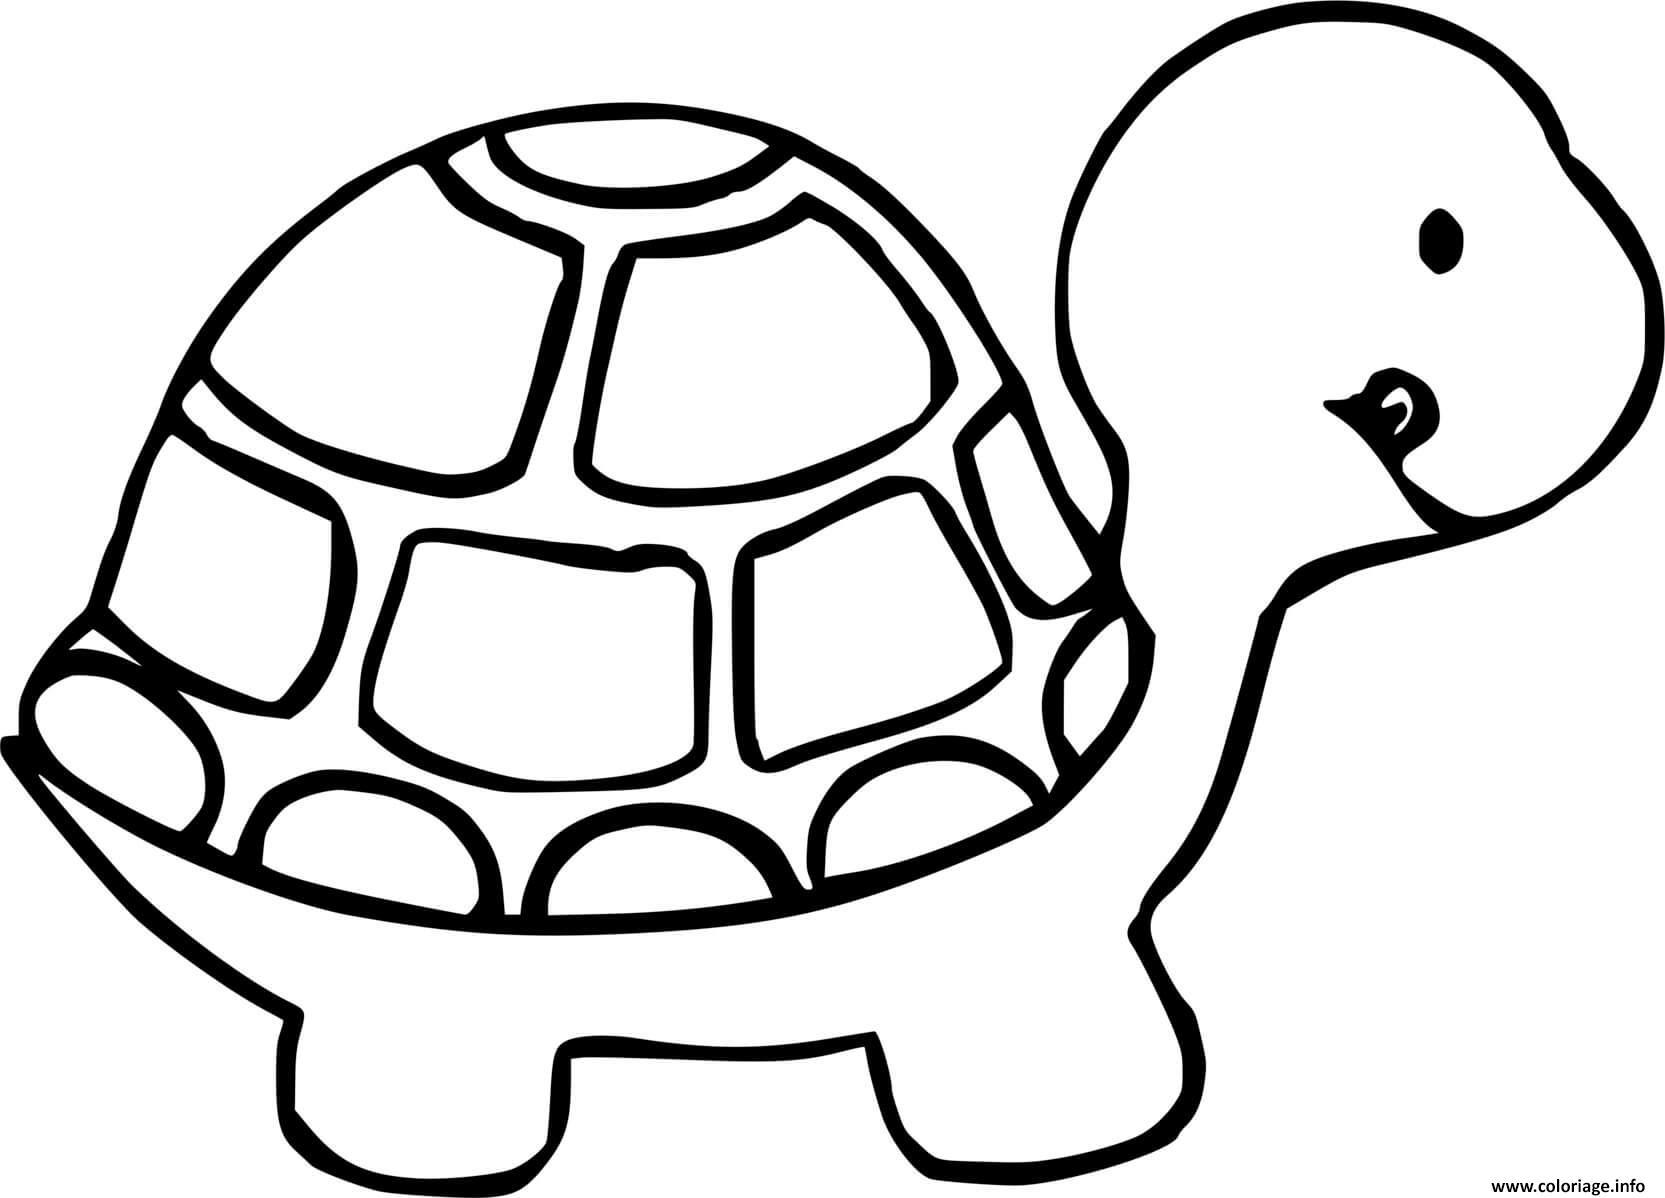 Dessin tortue de profil Coloriage Gratuit à Imprimer